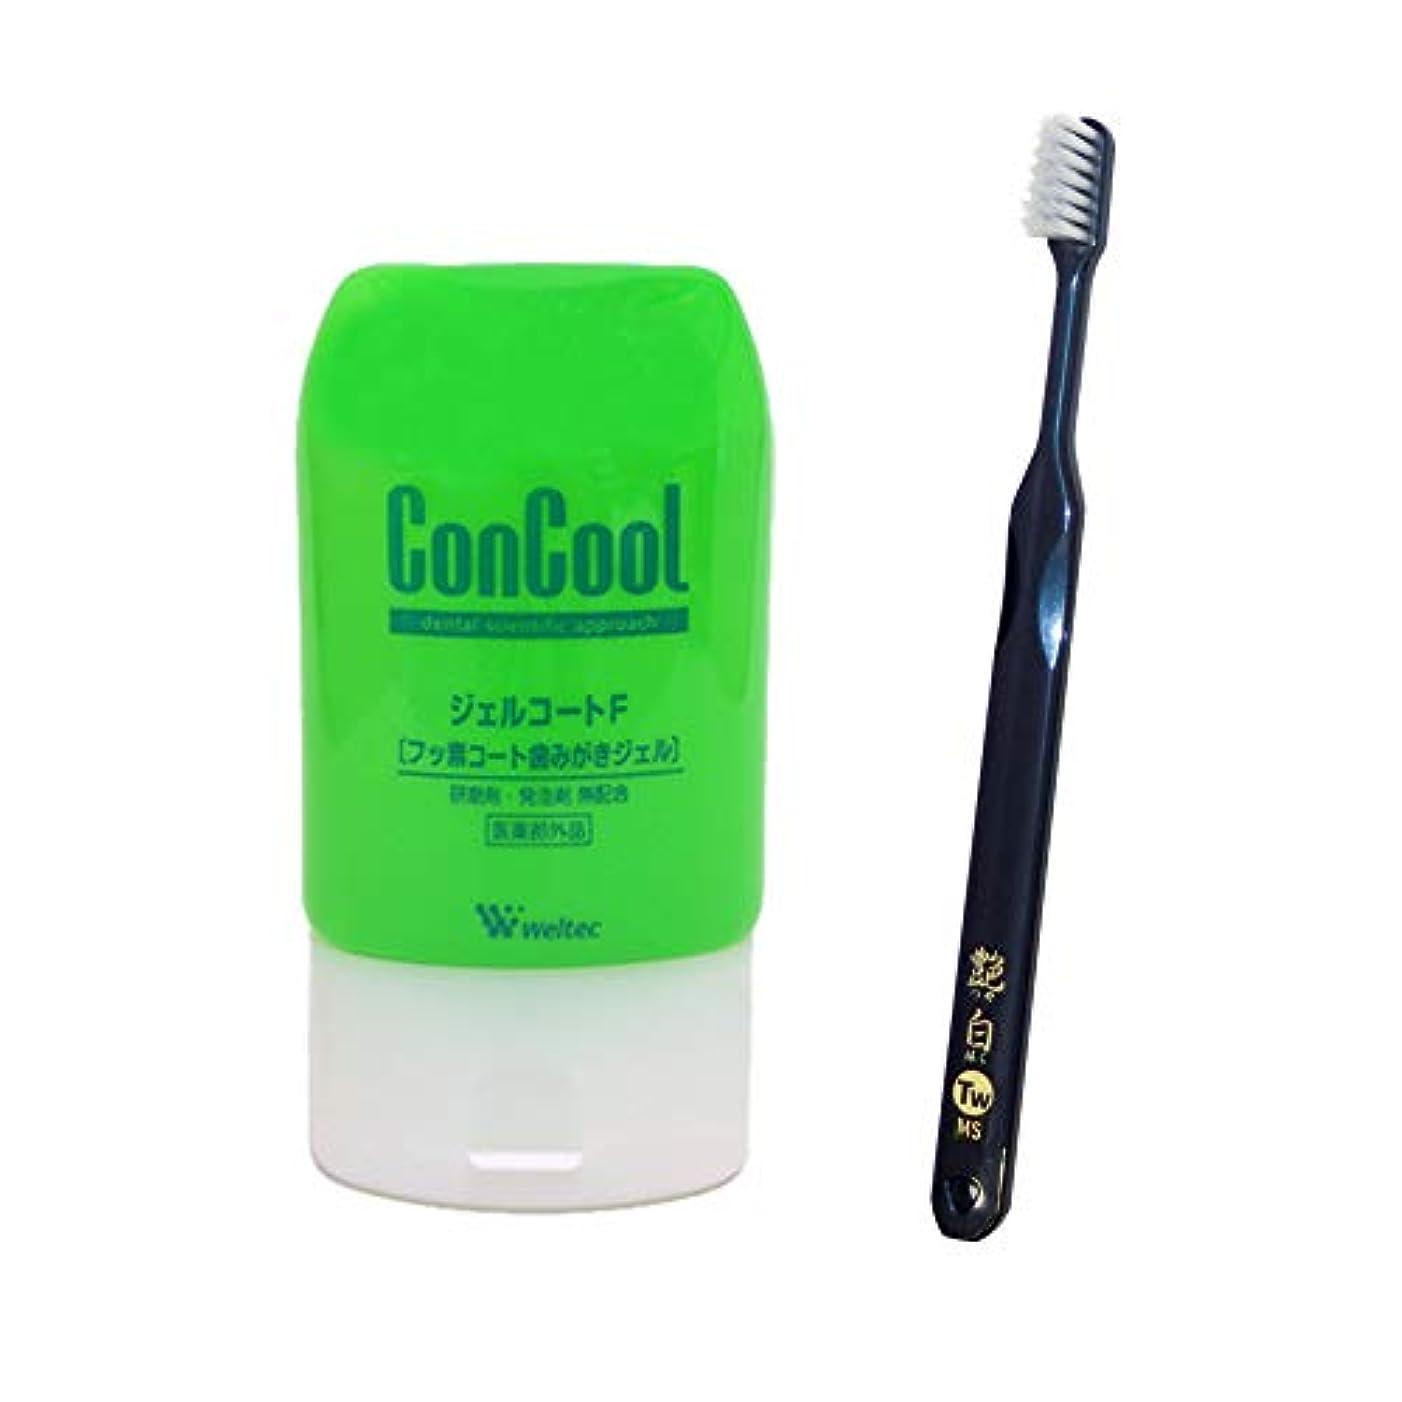 明らかに含意運動コンクール ジェルコートF 90g×1個 + 艶白 (つやはく) Tw ツイン (二段植毛) 歯ブラシ×1本 MS(やややわらかめ) 日本製 歯科専売品